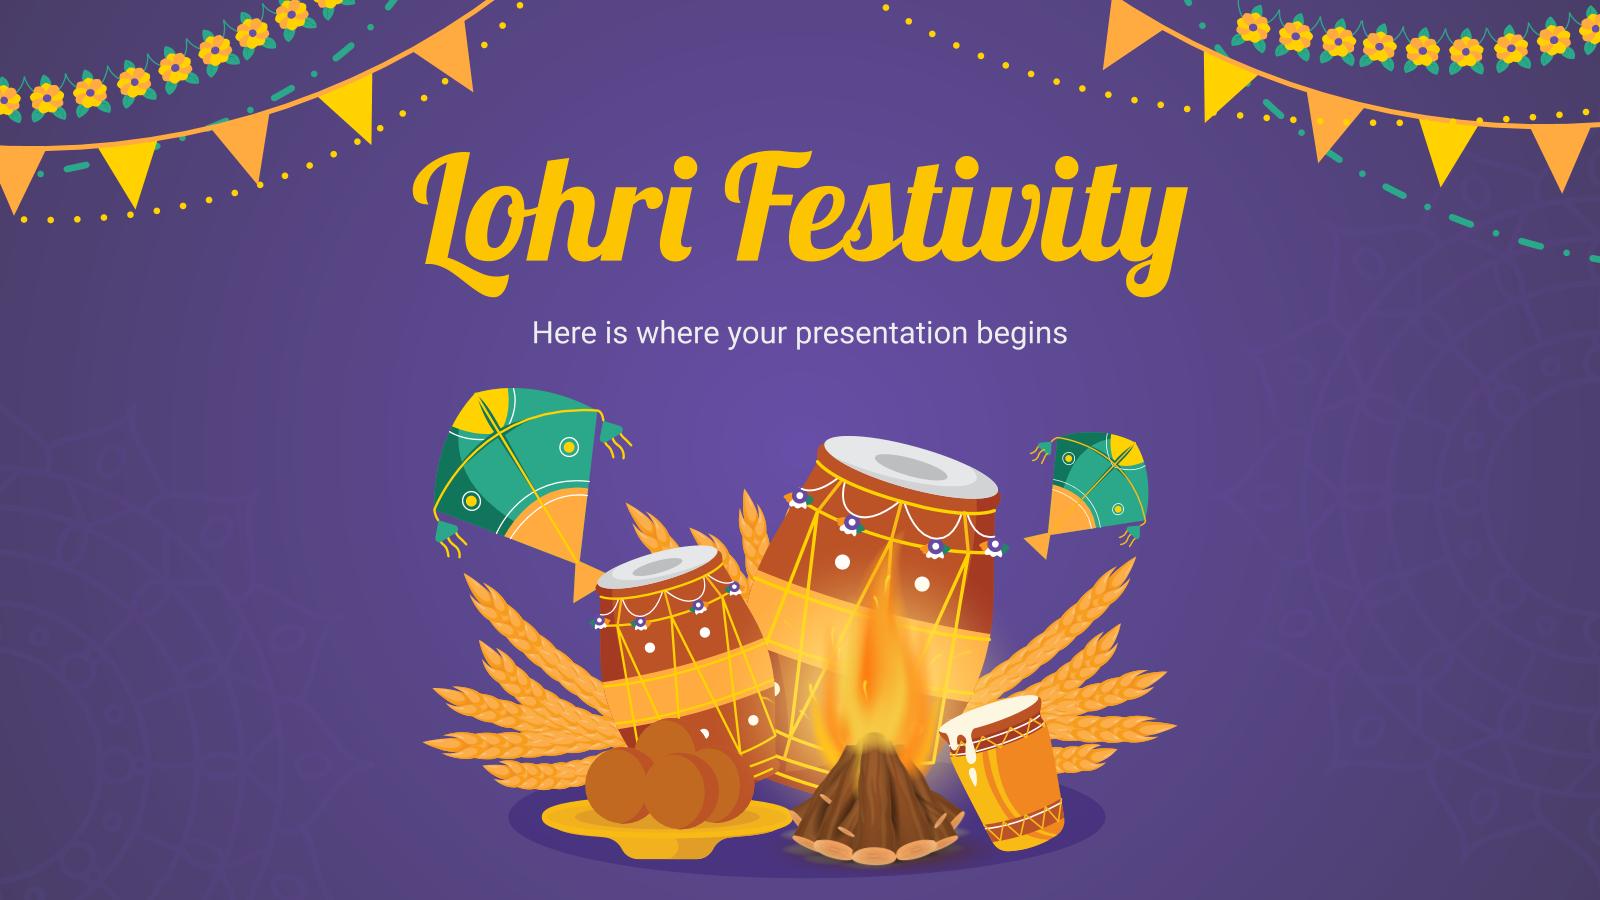 Modelo de apresentação Festividade Lohri